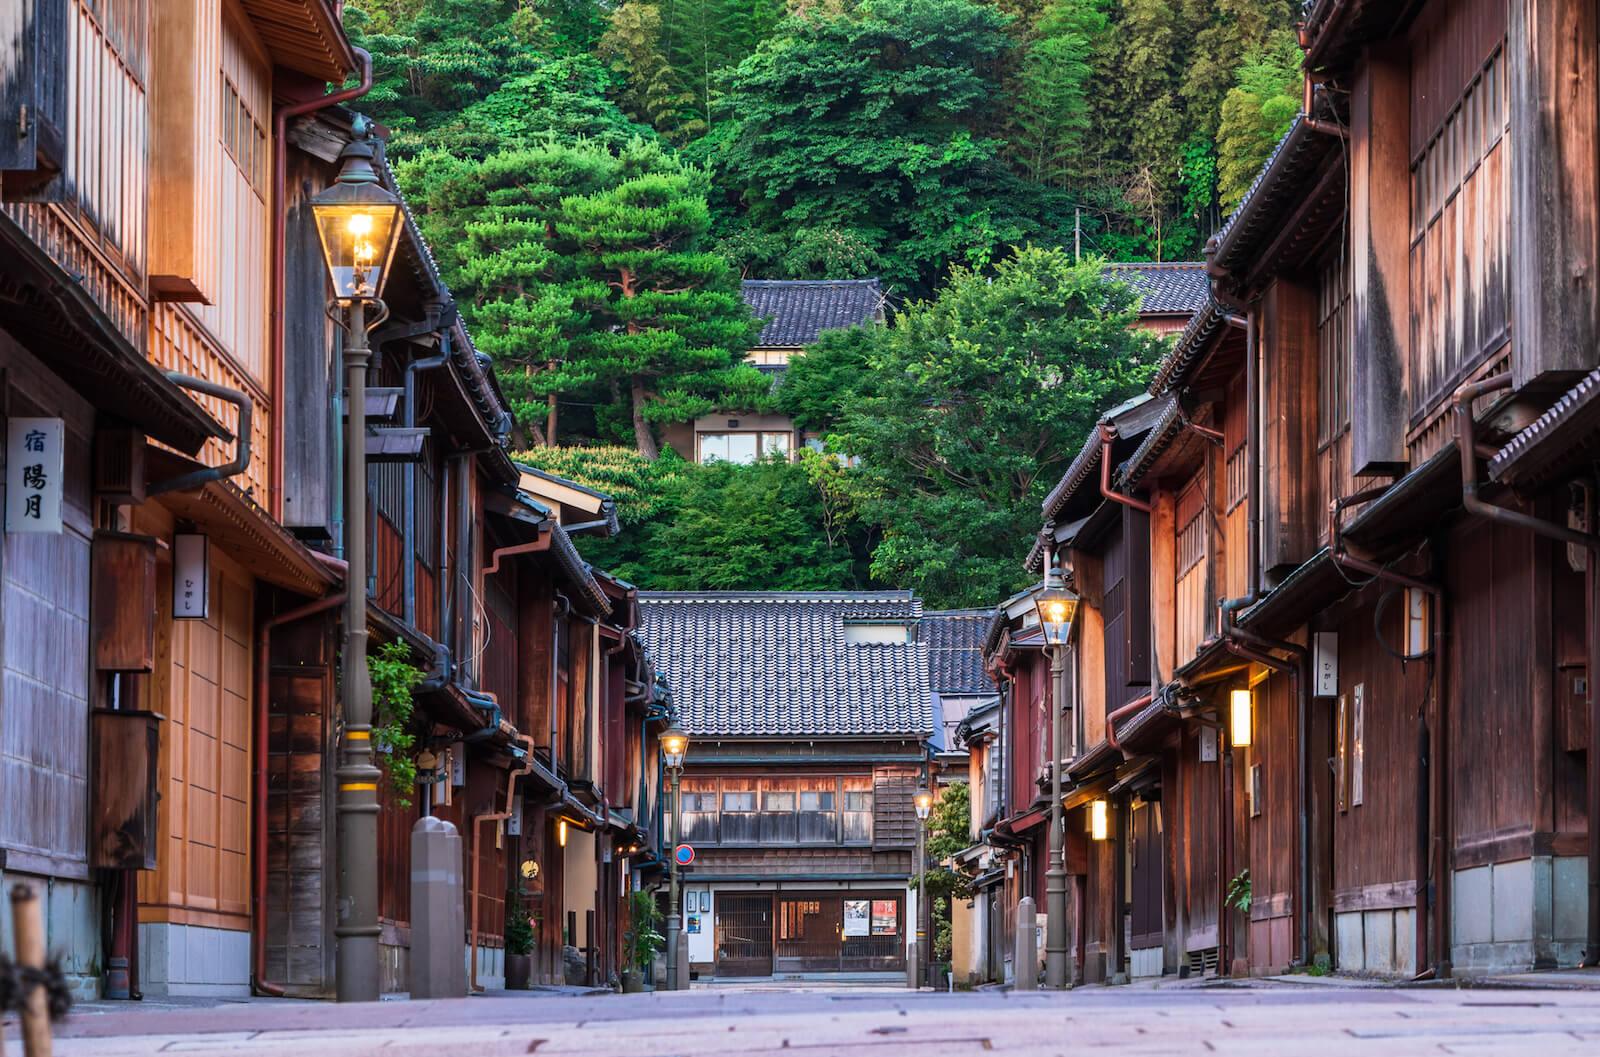 石川県金沢市のひがし茶屋街